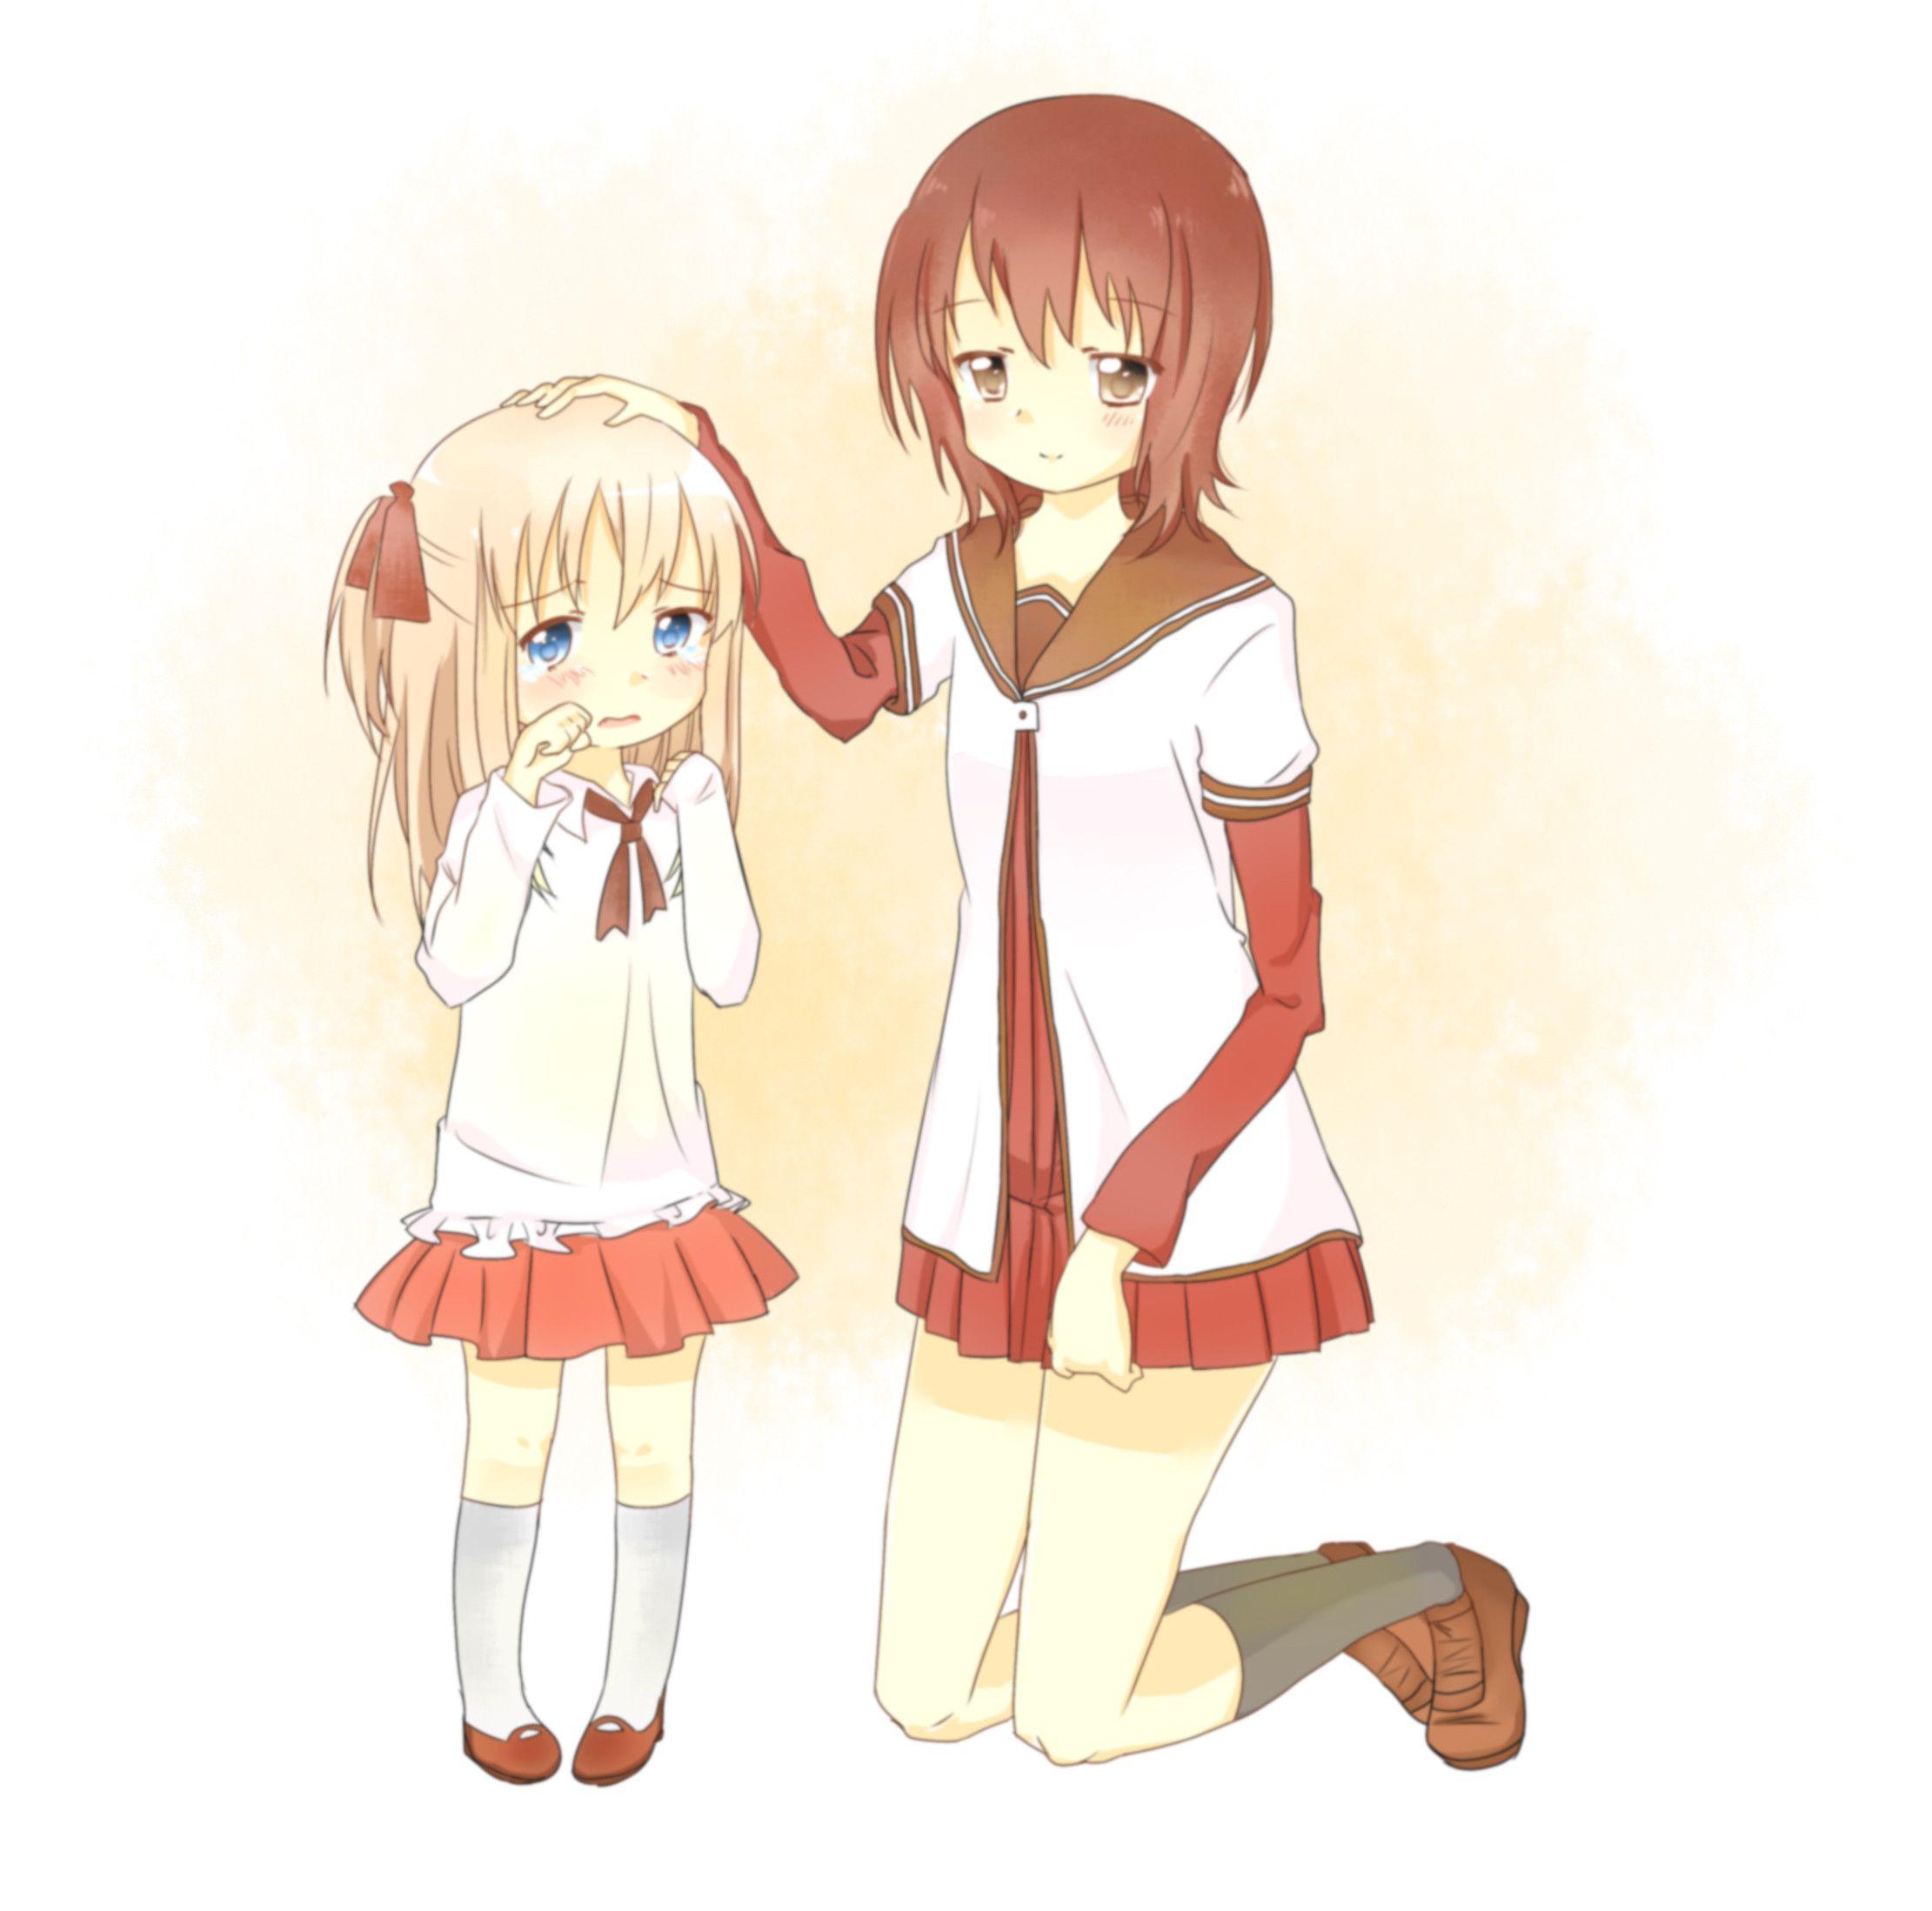 Young yuri hentai